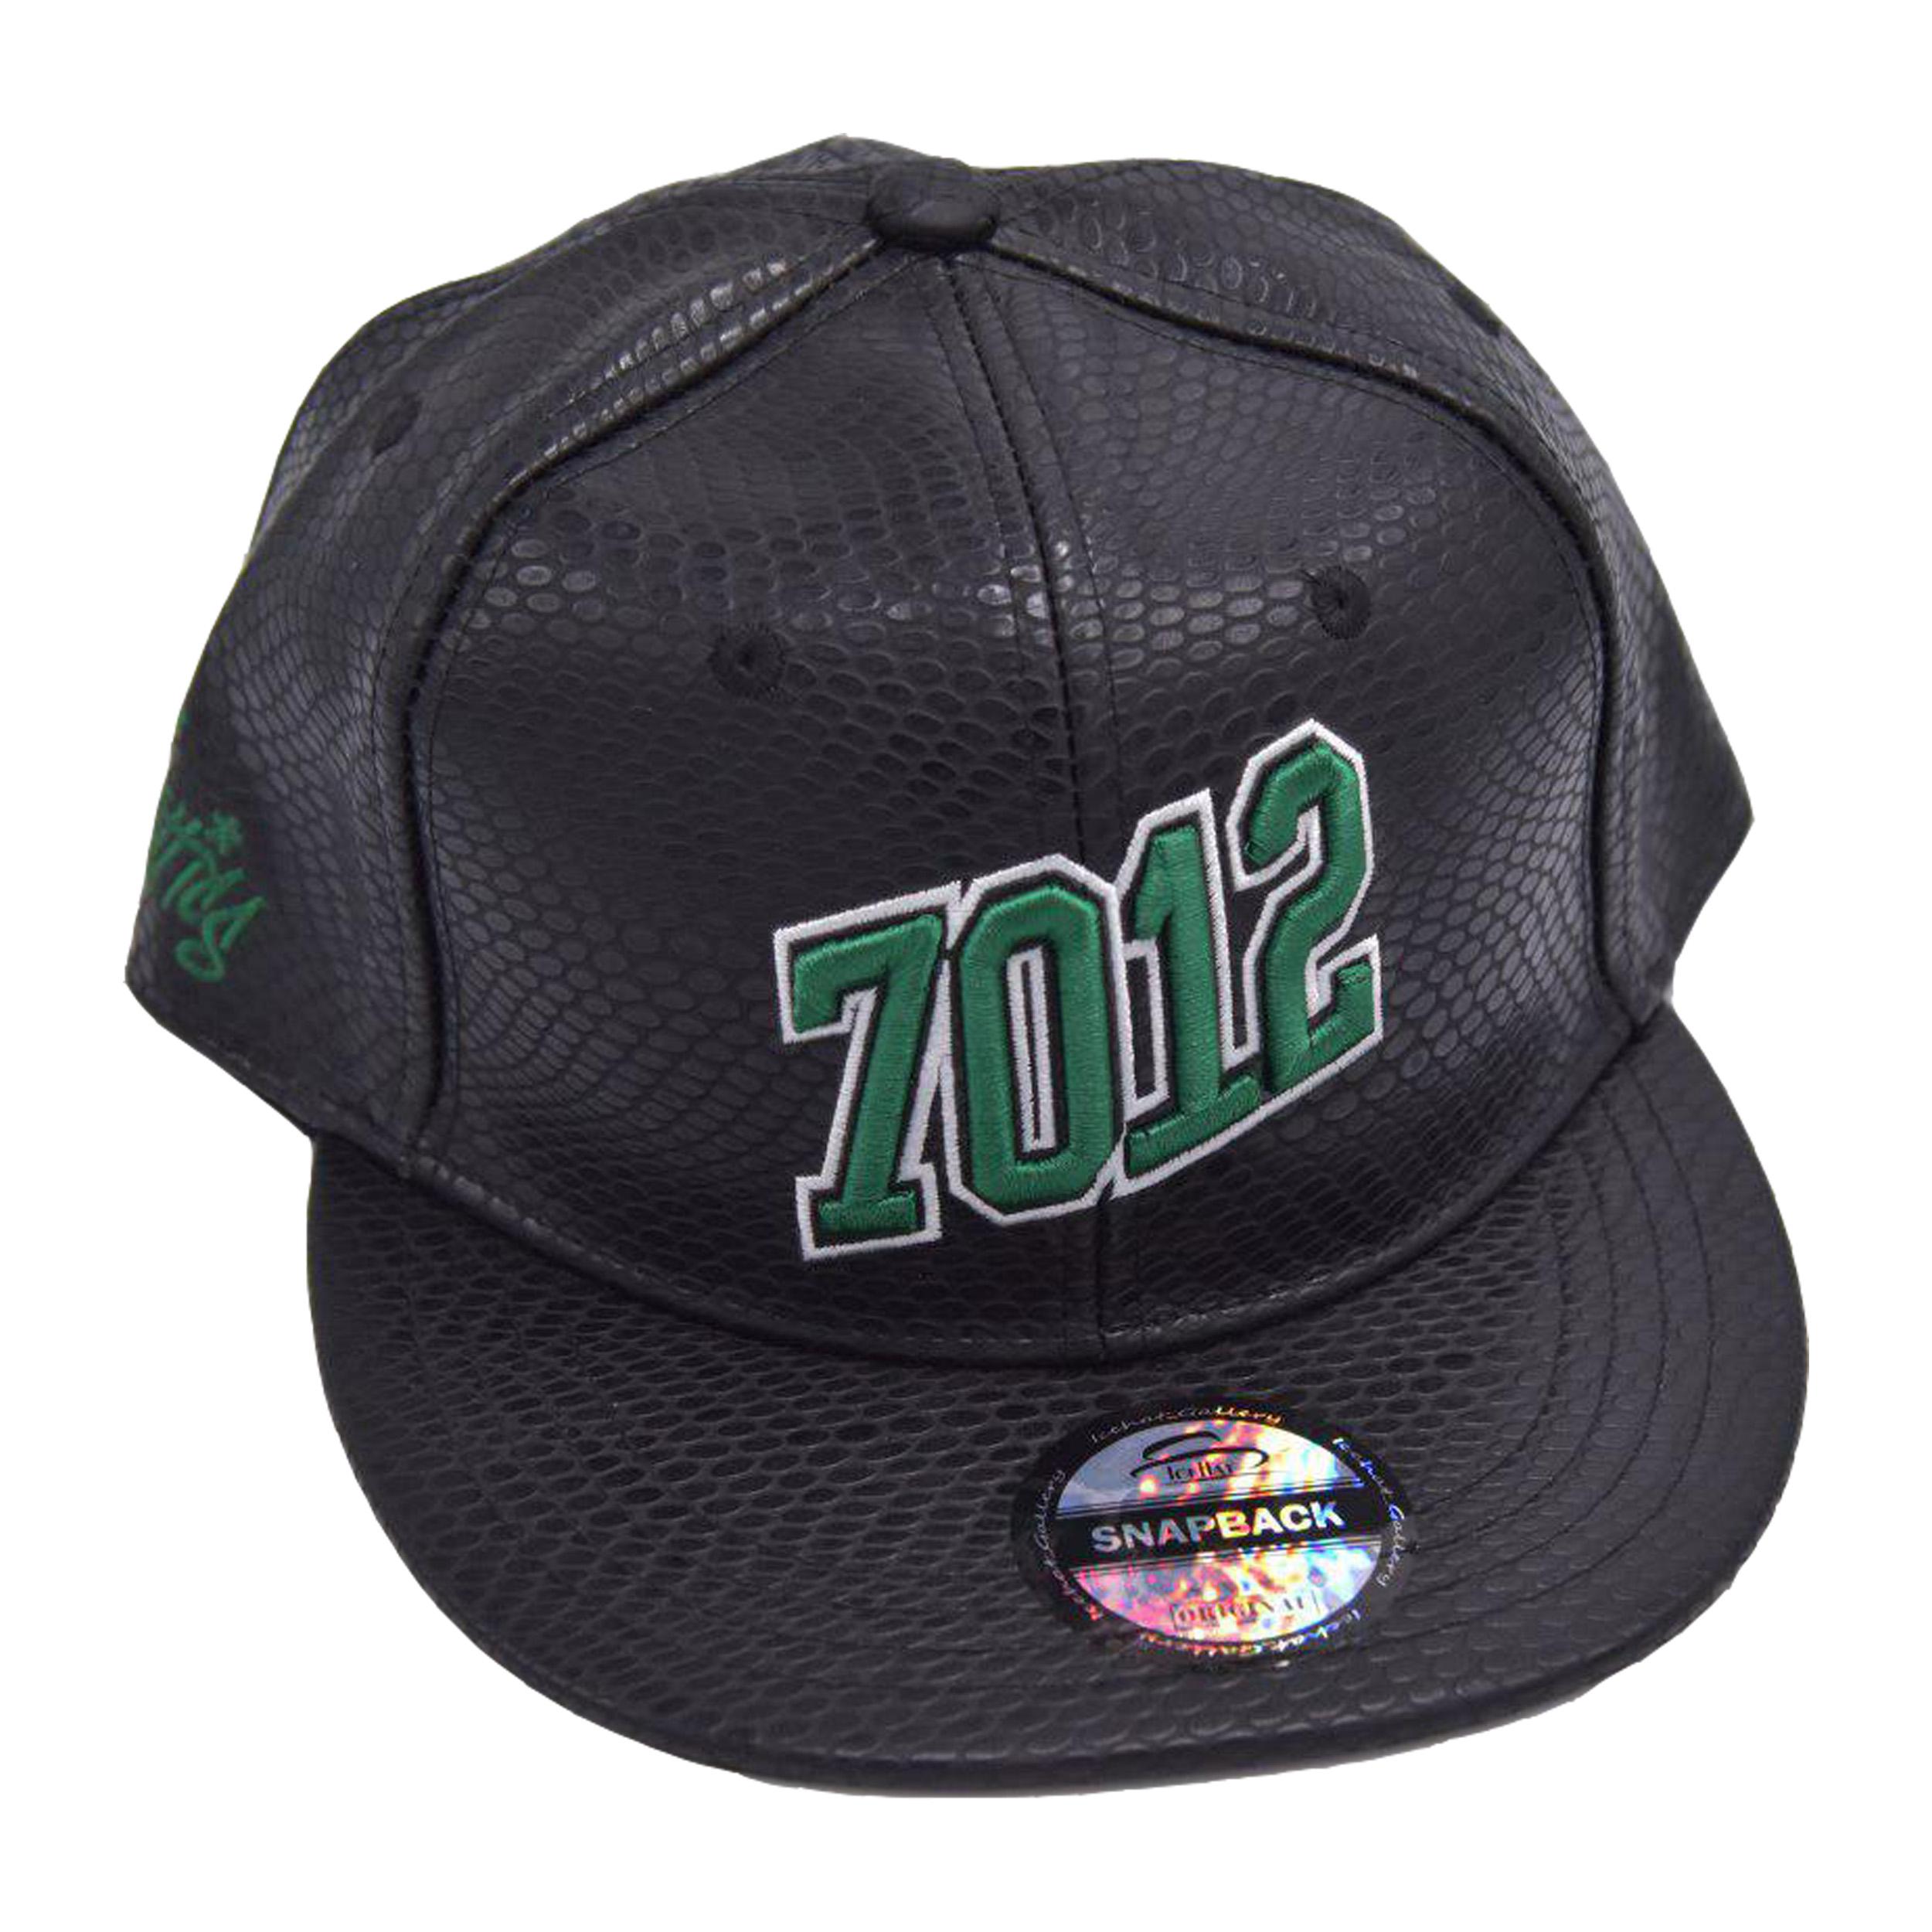 کلاه گپ طرح 7012 کد 0024